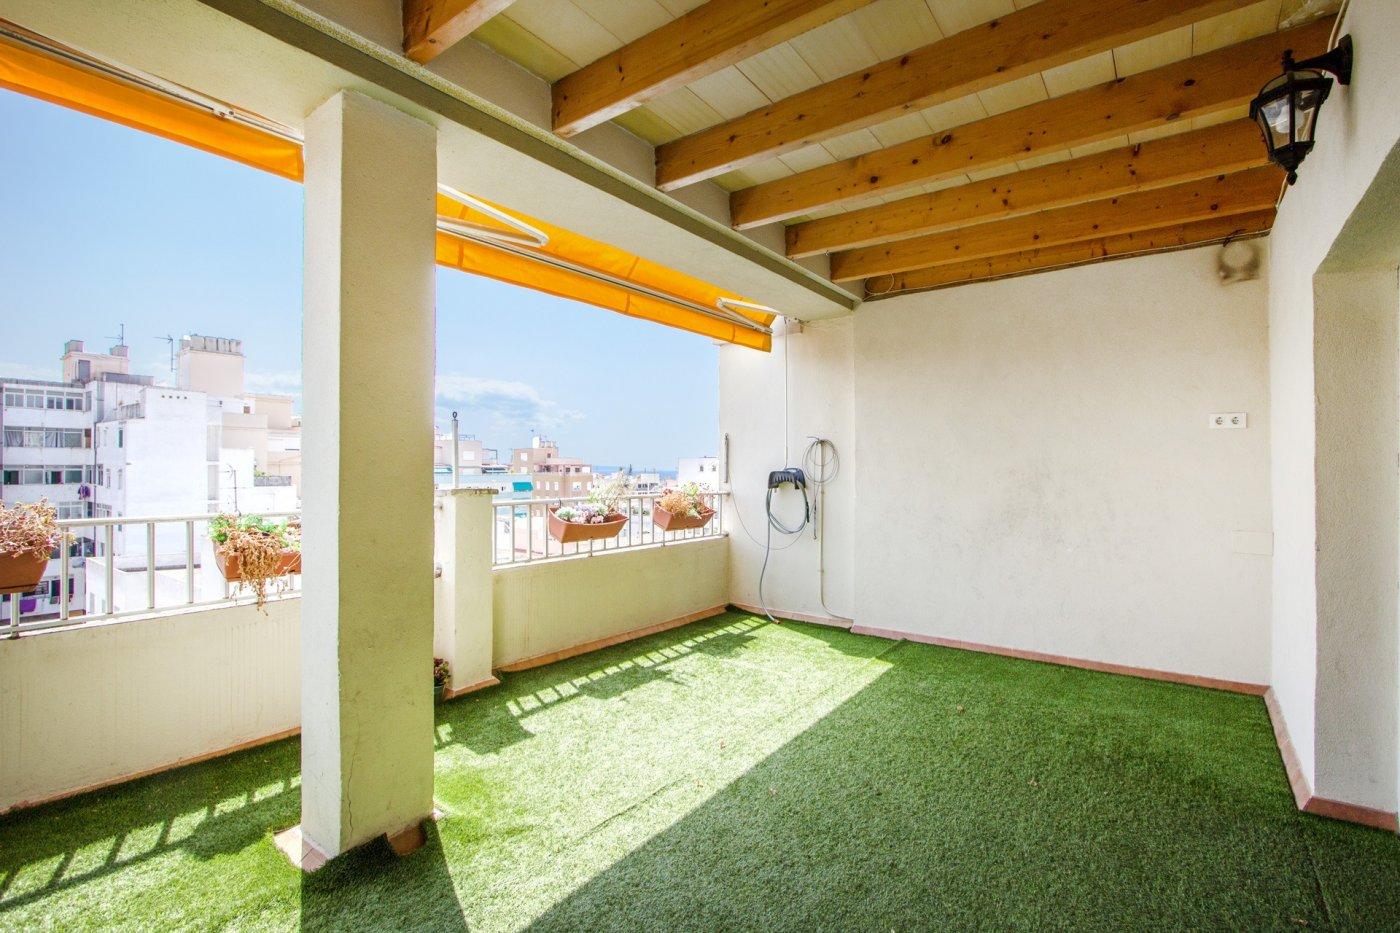 Ático-Venta-Palma de Mallorca-211012-Foto-4